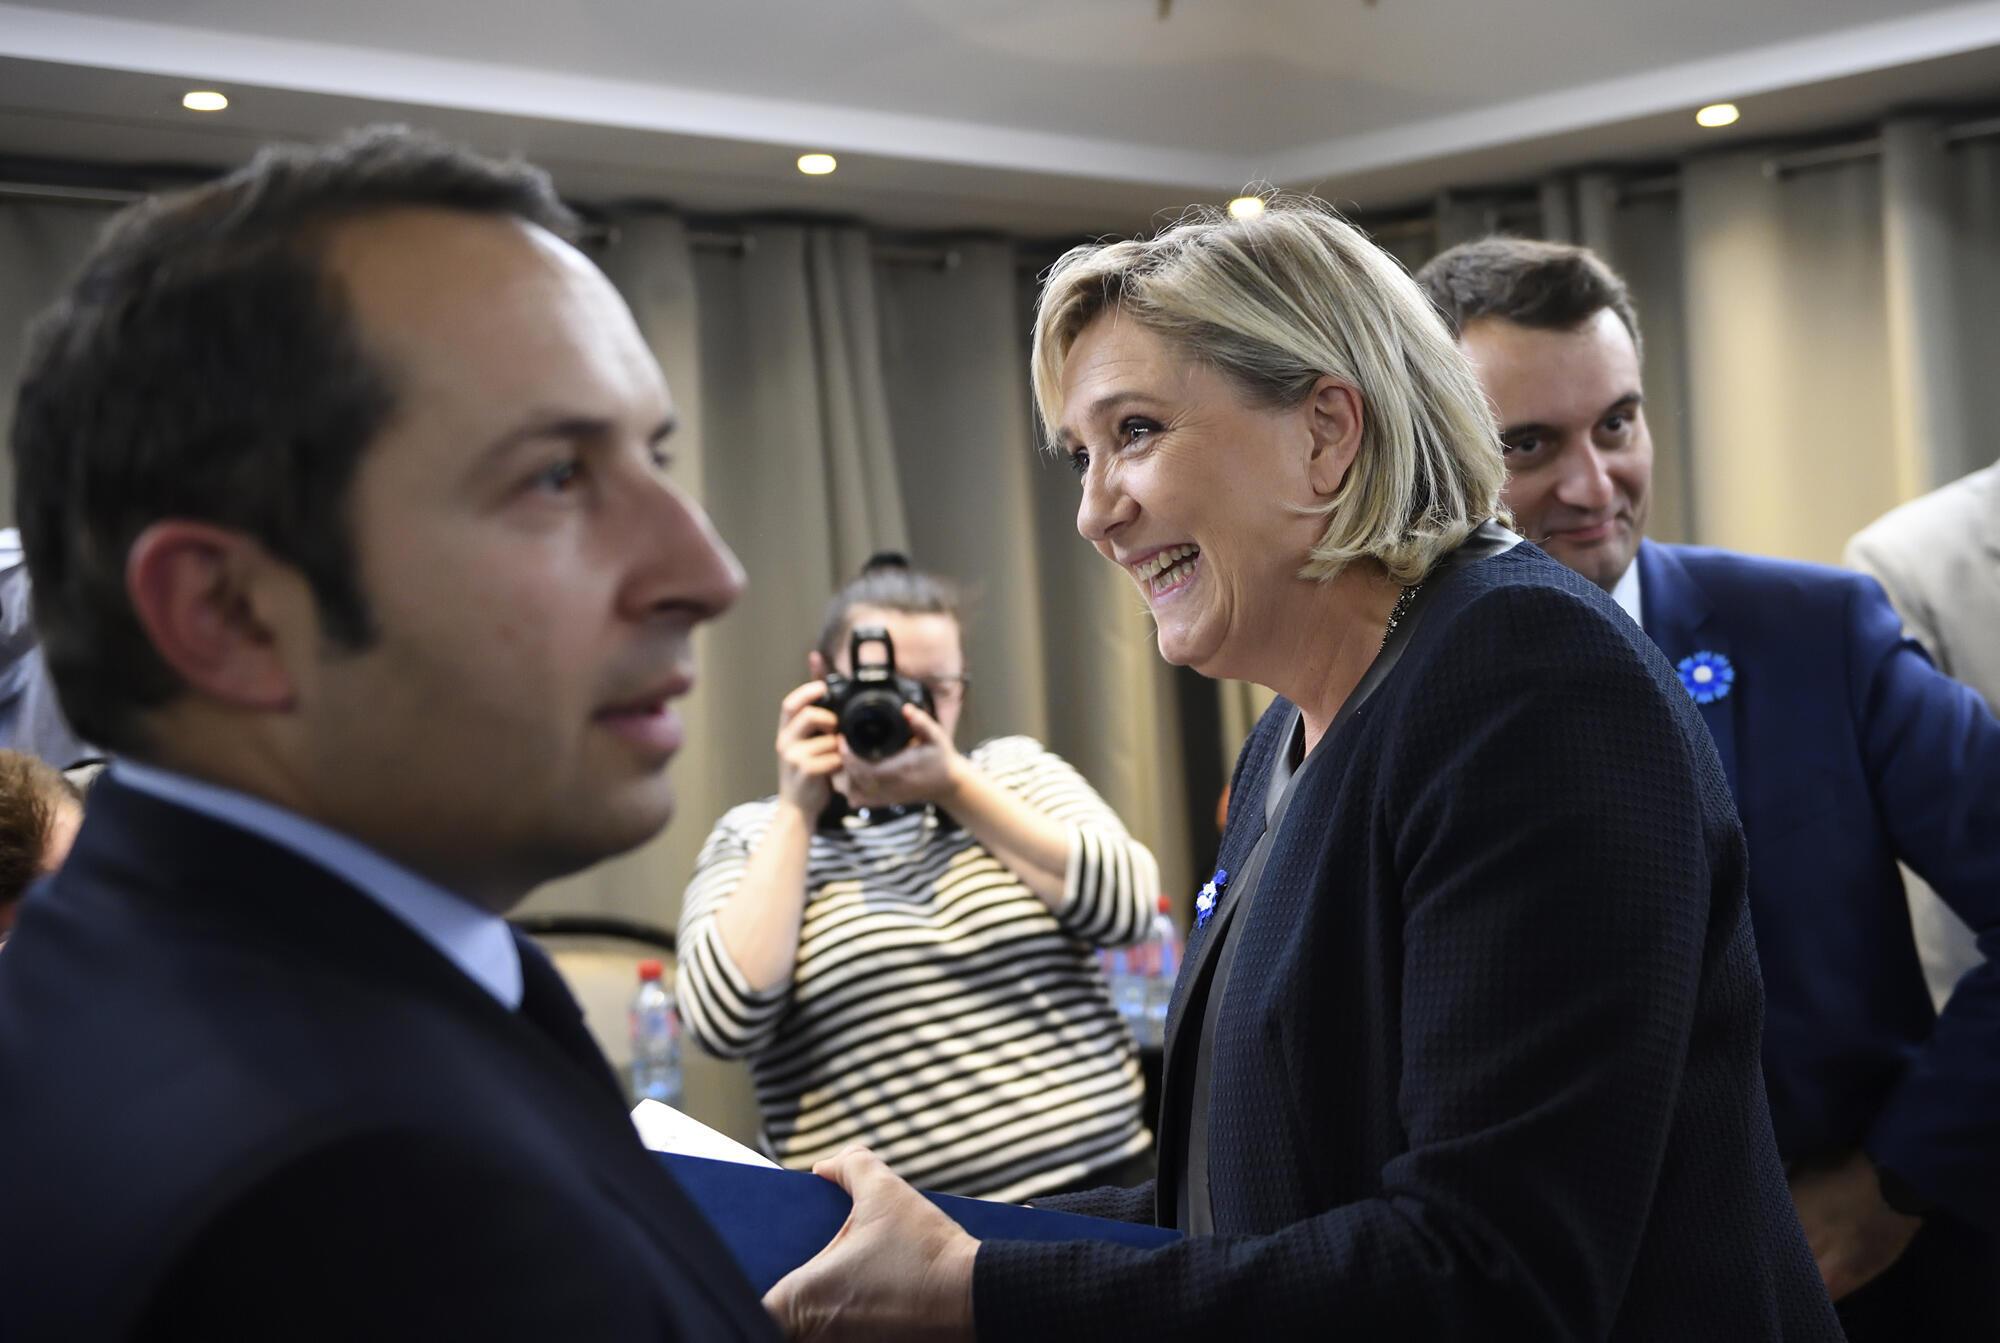 Marine Le Pen, entre Florian Philippot (d) e Sébastien Chenu (e) durante uma convenção do partido Frente Nacional